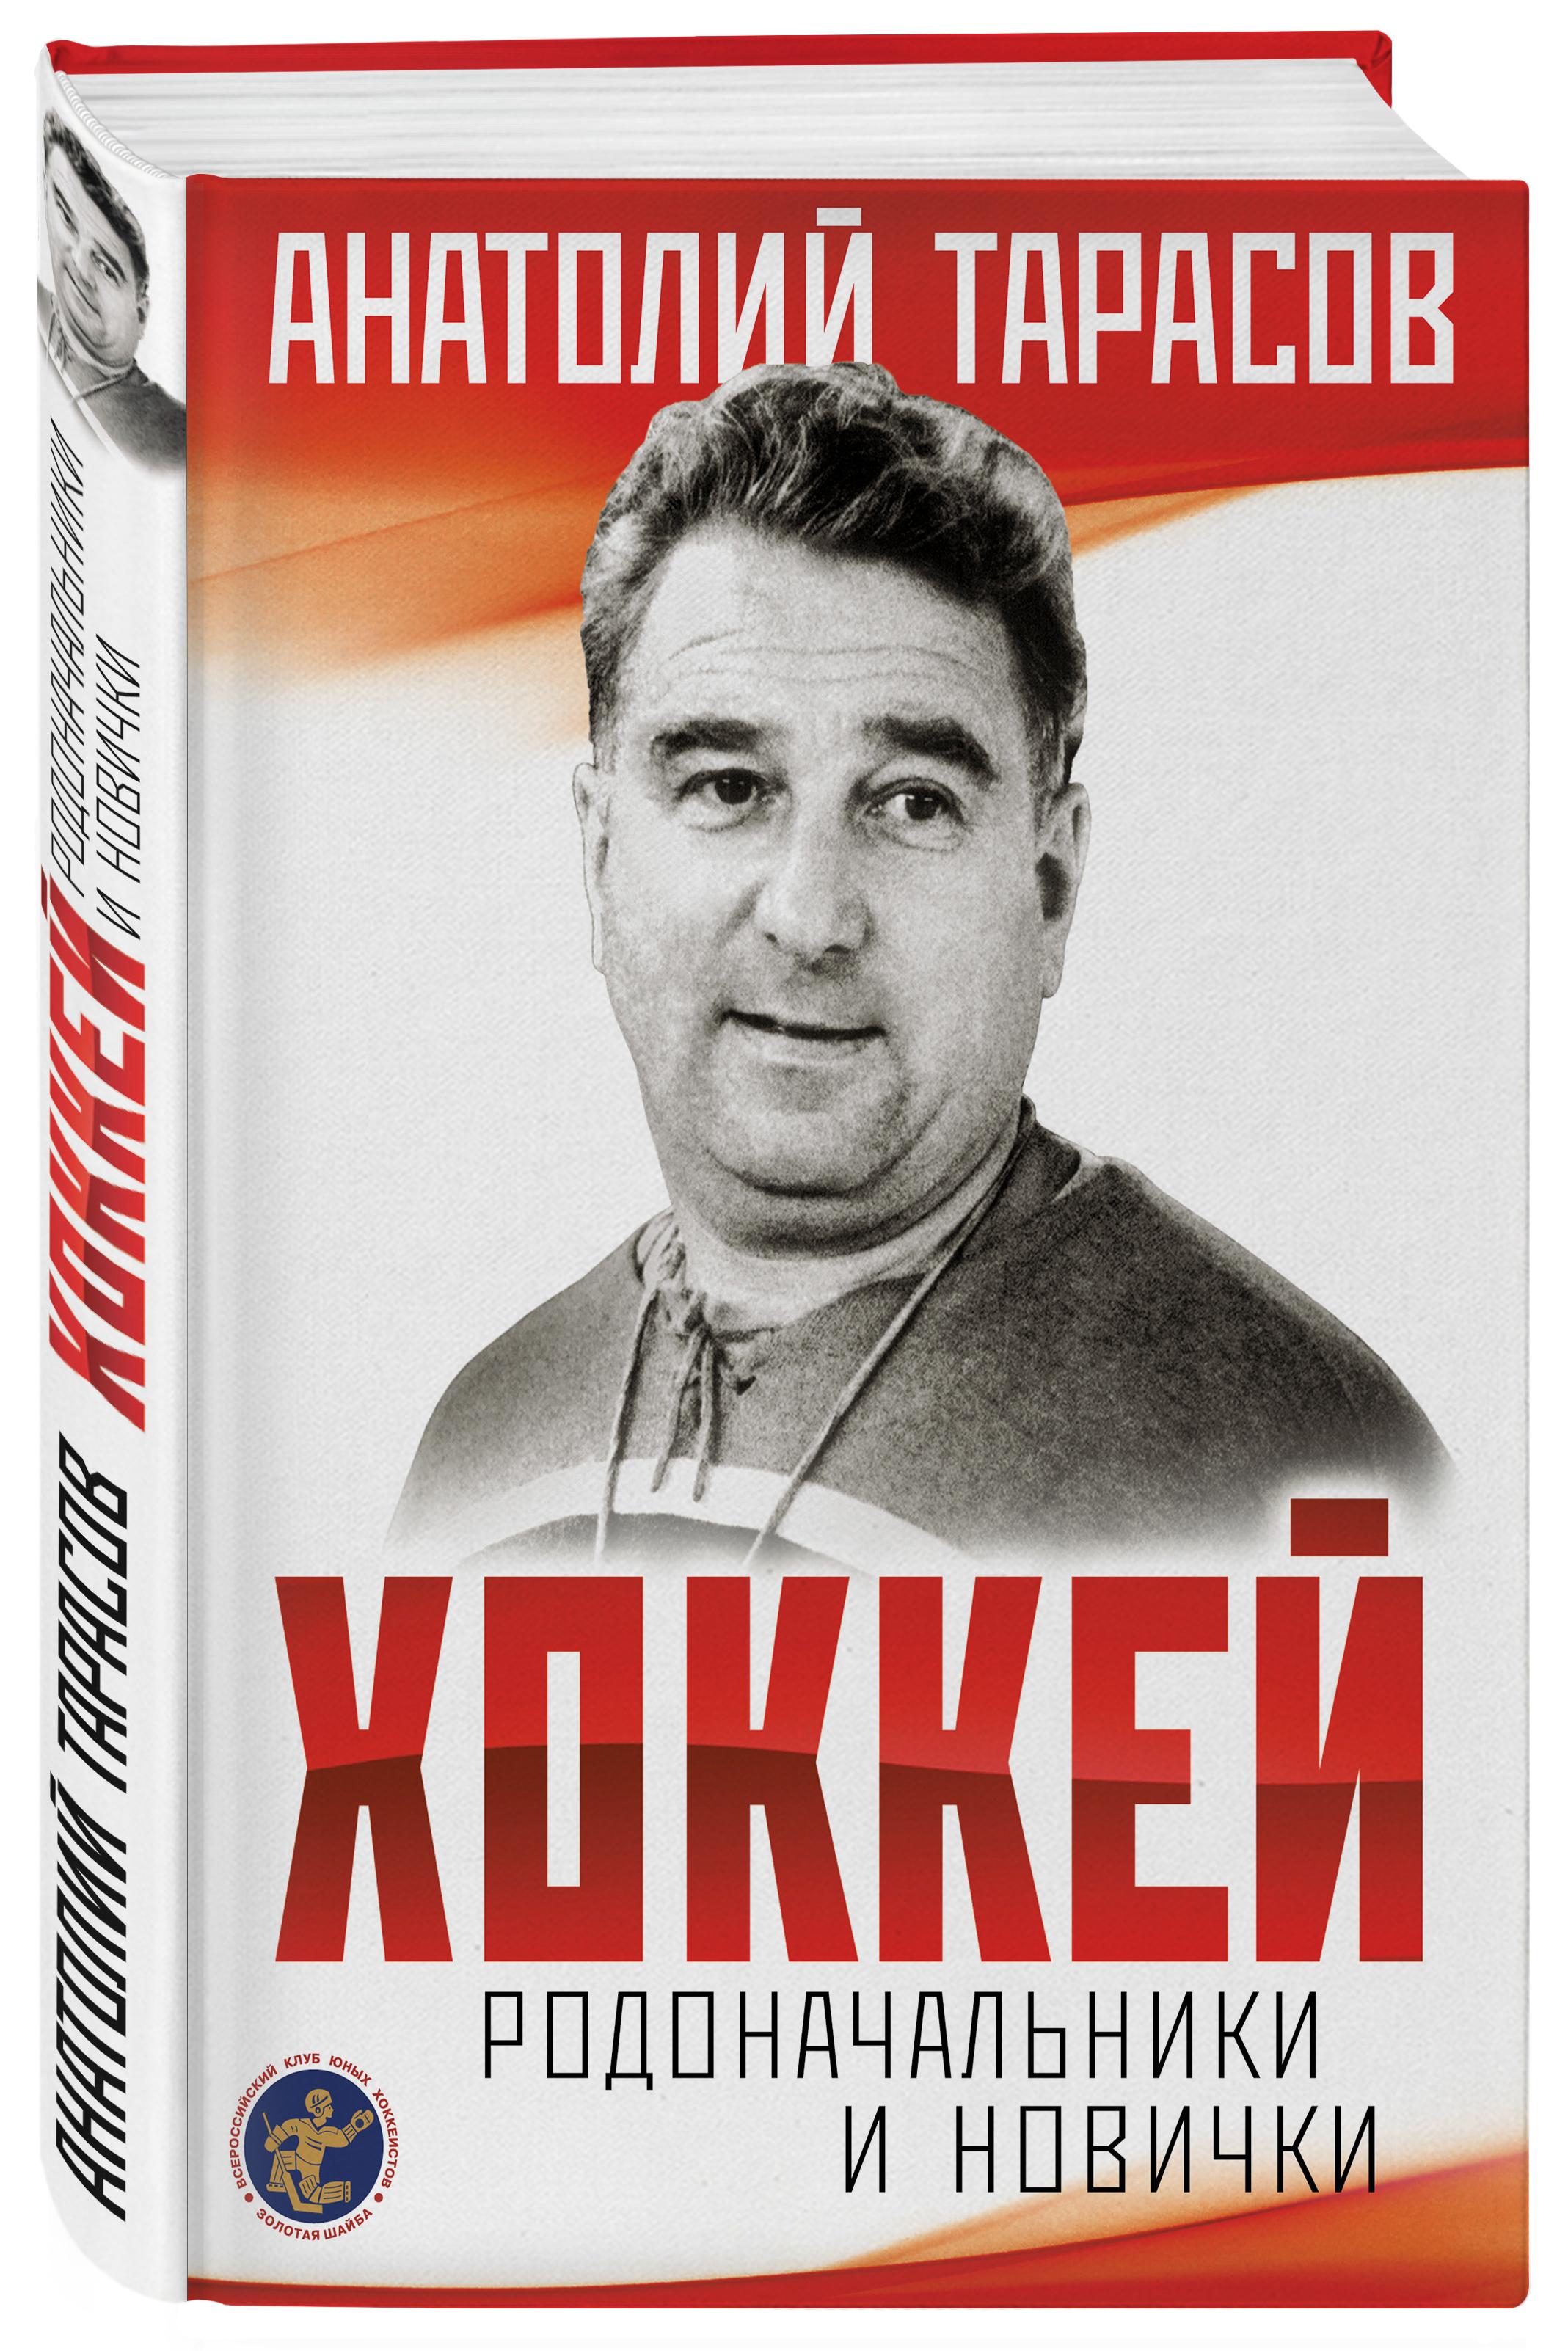 Анатолий Тарасов Хоккей. Родоначальники и новички (2-е изд.)